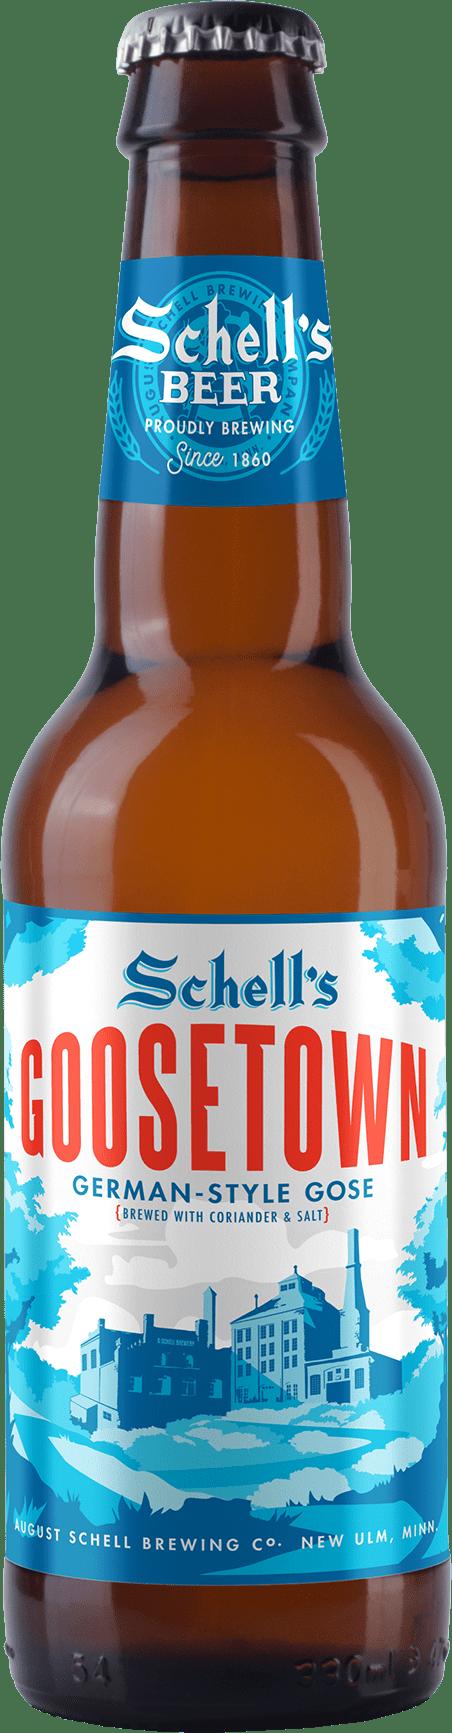 Schell's Goosetown Image